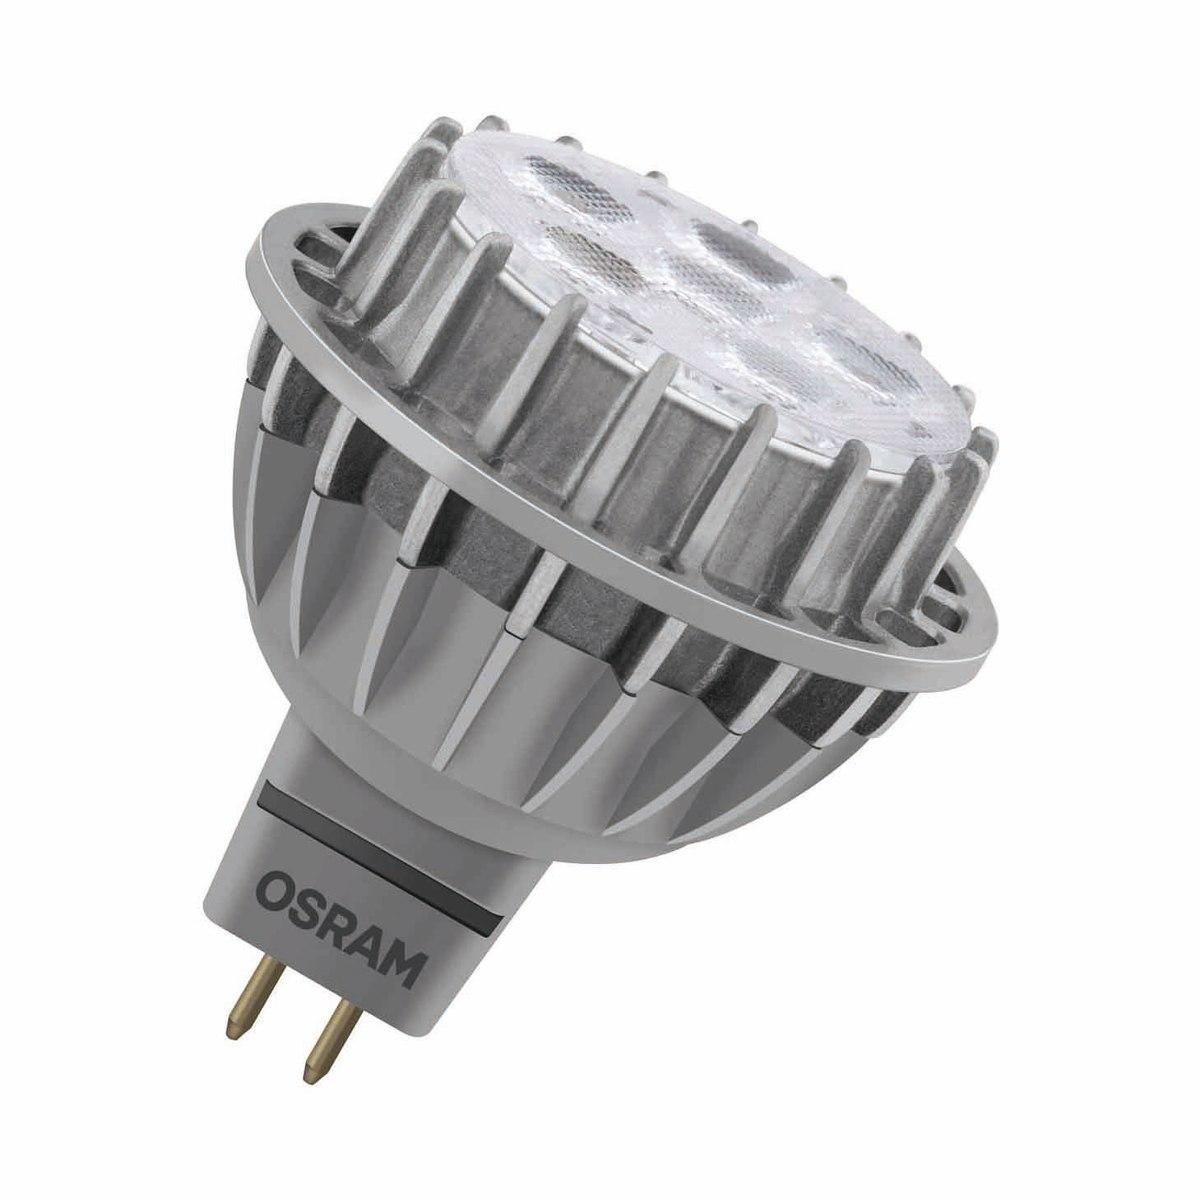 Osram lampadine osram led 4 w prezzo e offerte sottocosto for Offerte lampadine led